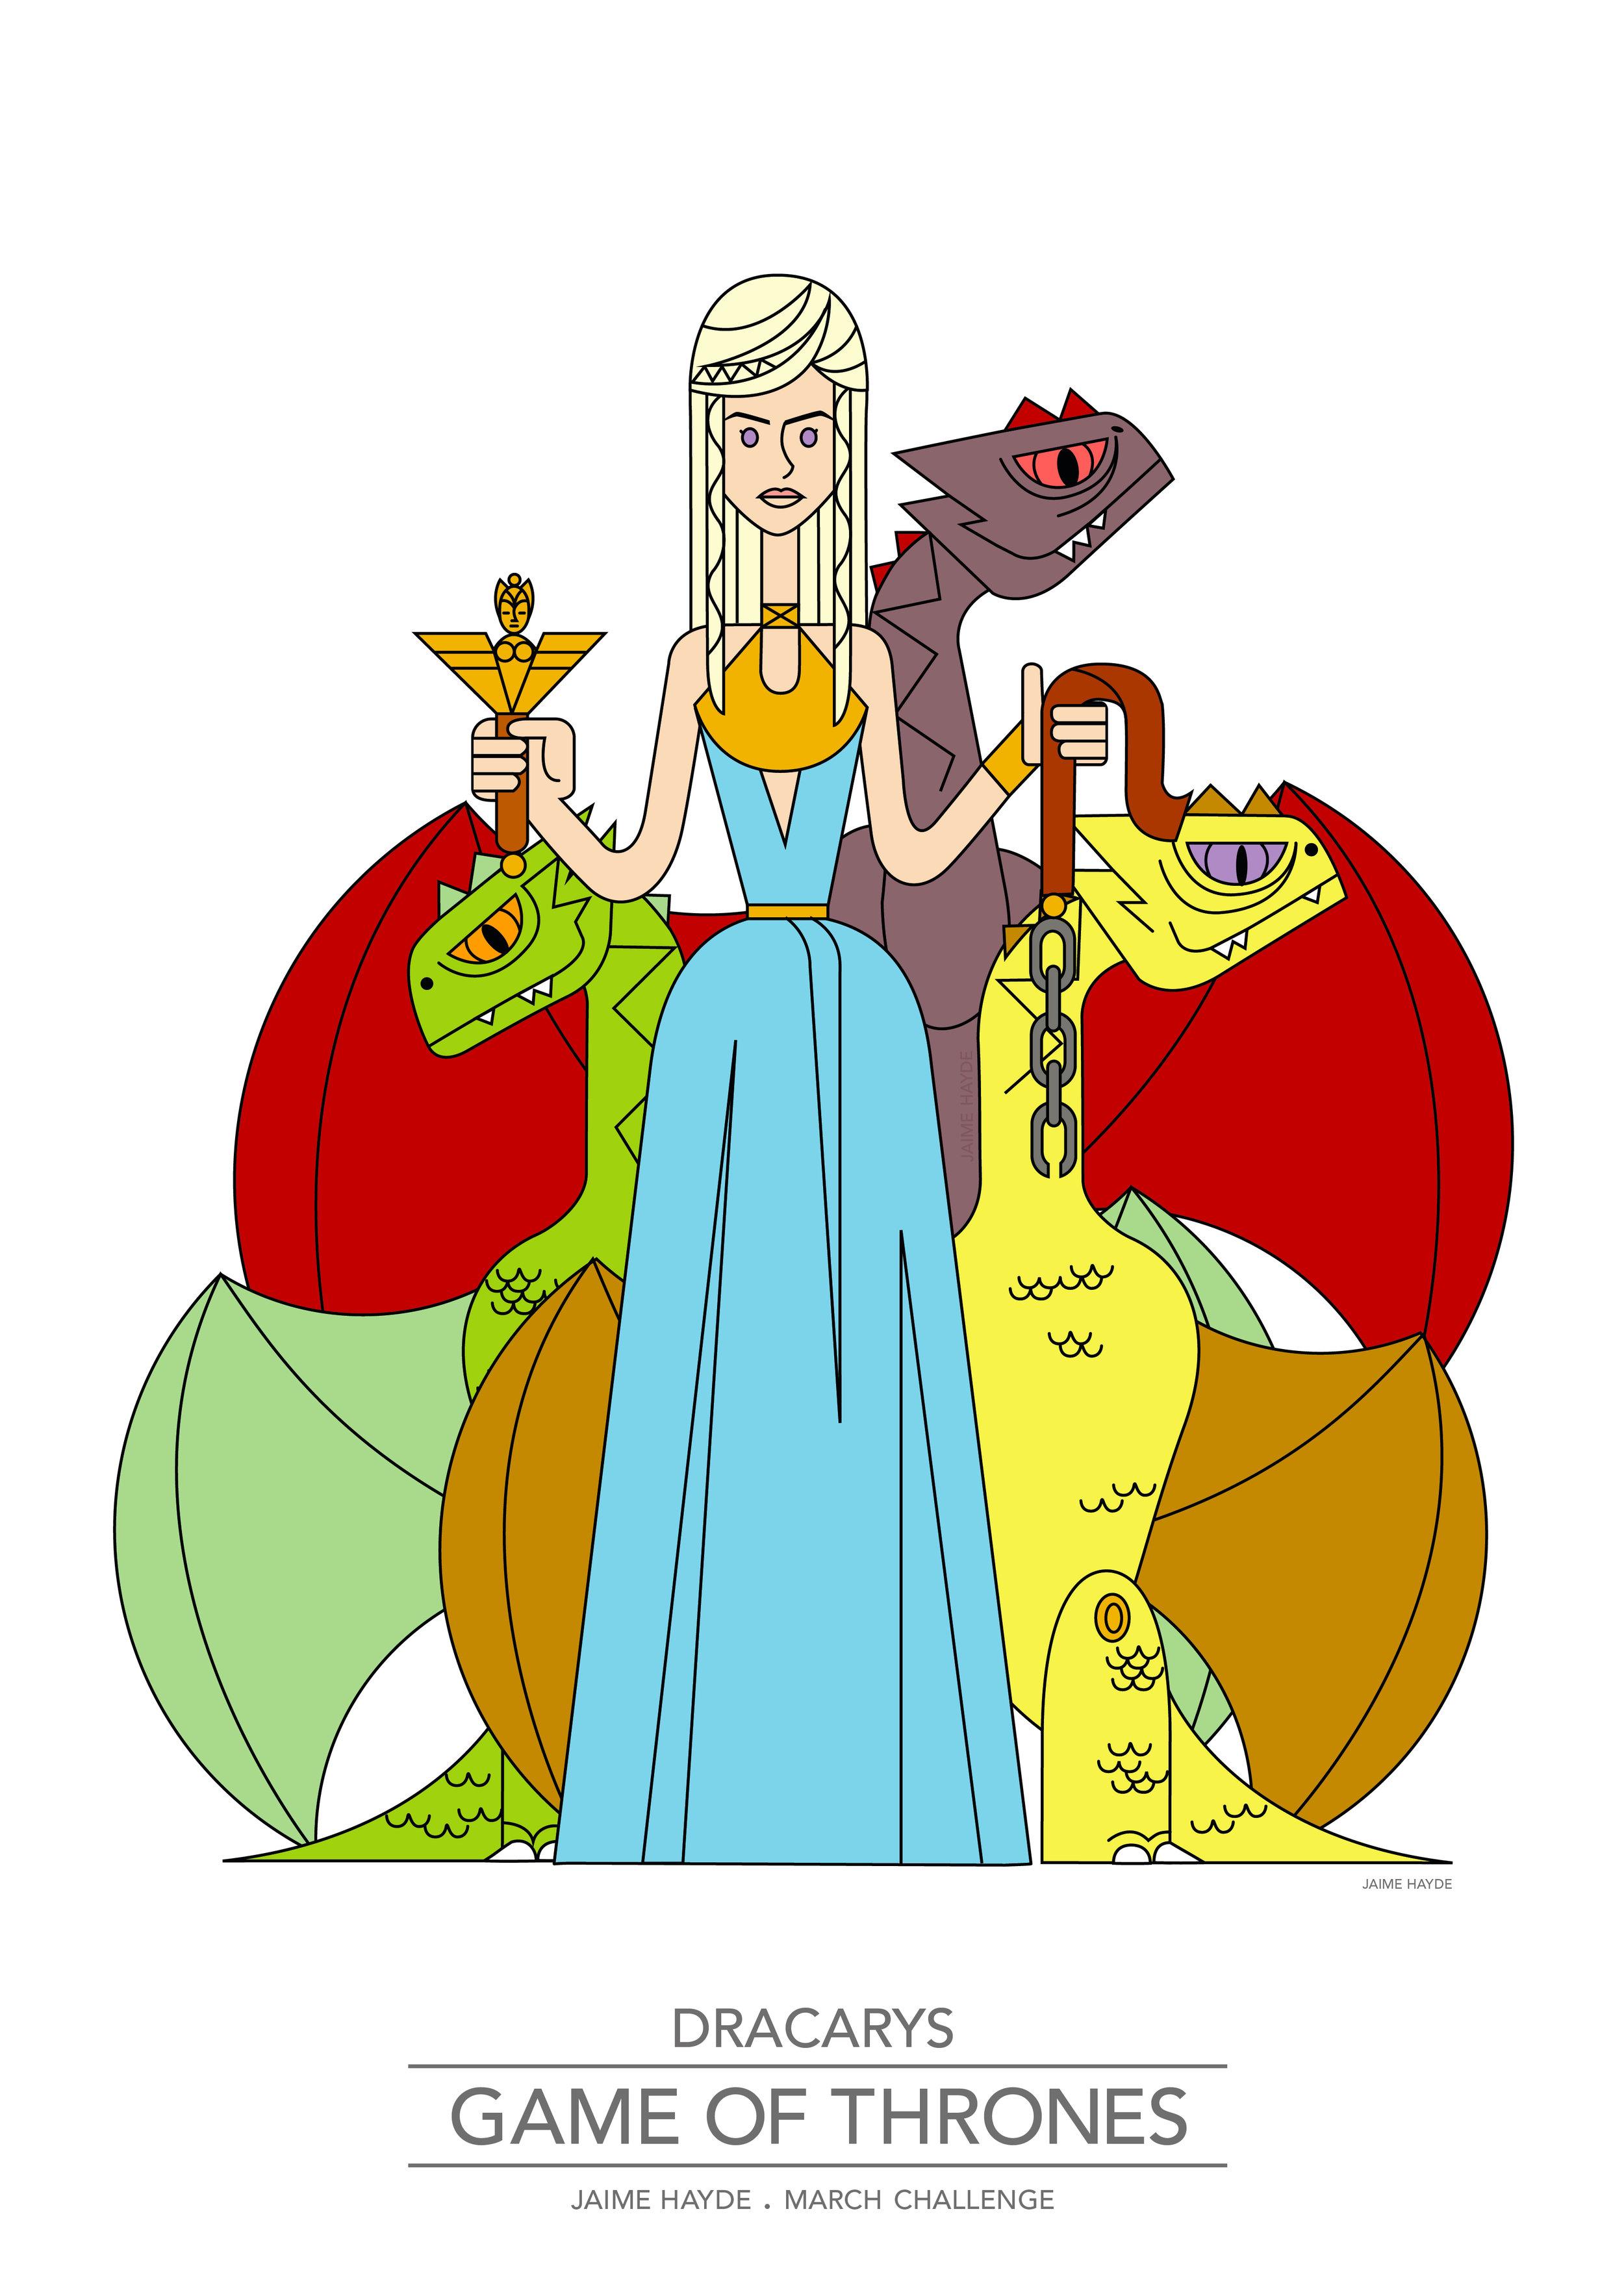 Game-of-thrones-Juego-de-tronos-daenerys.jpg